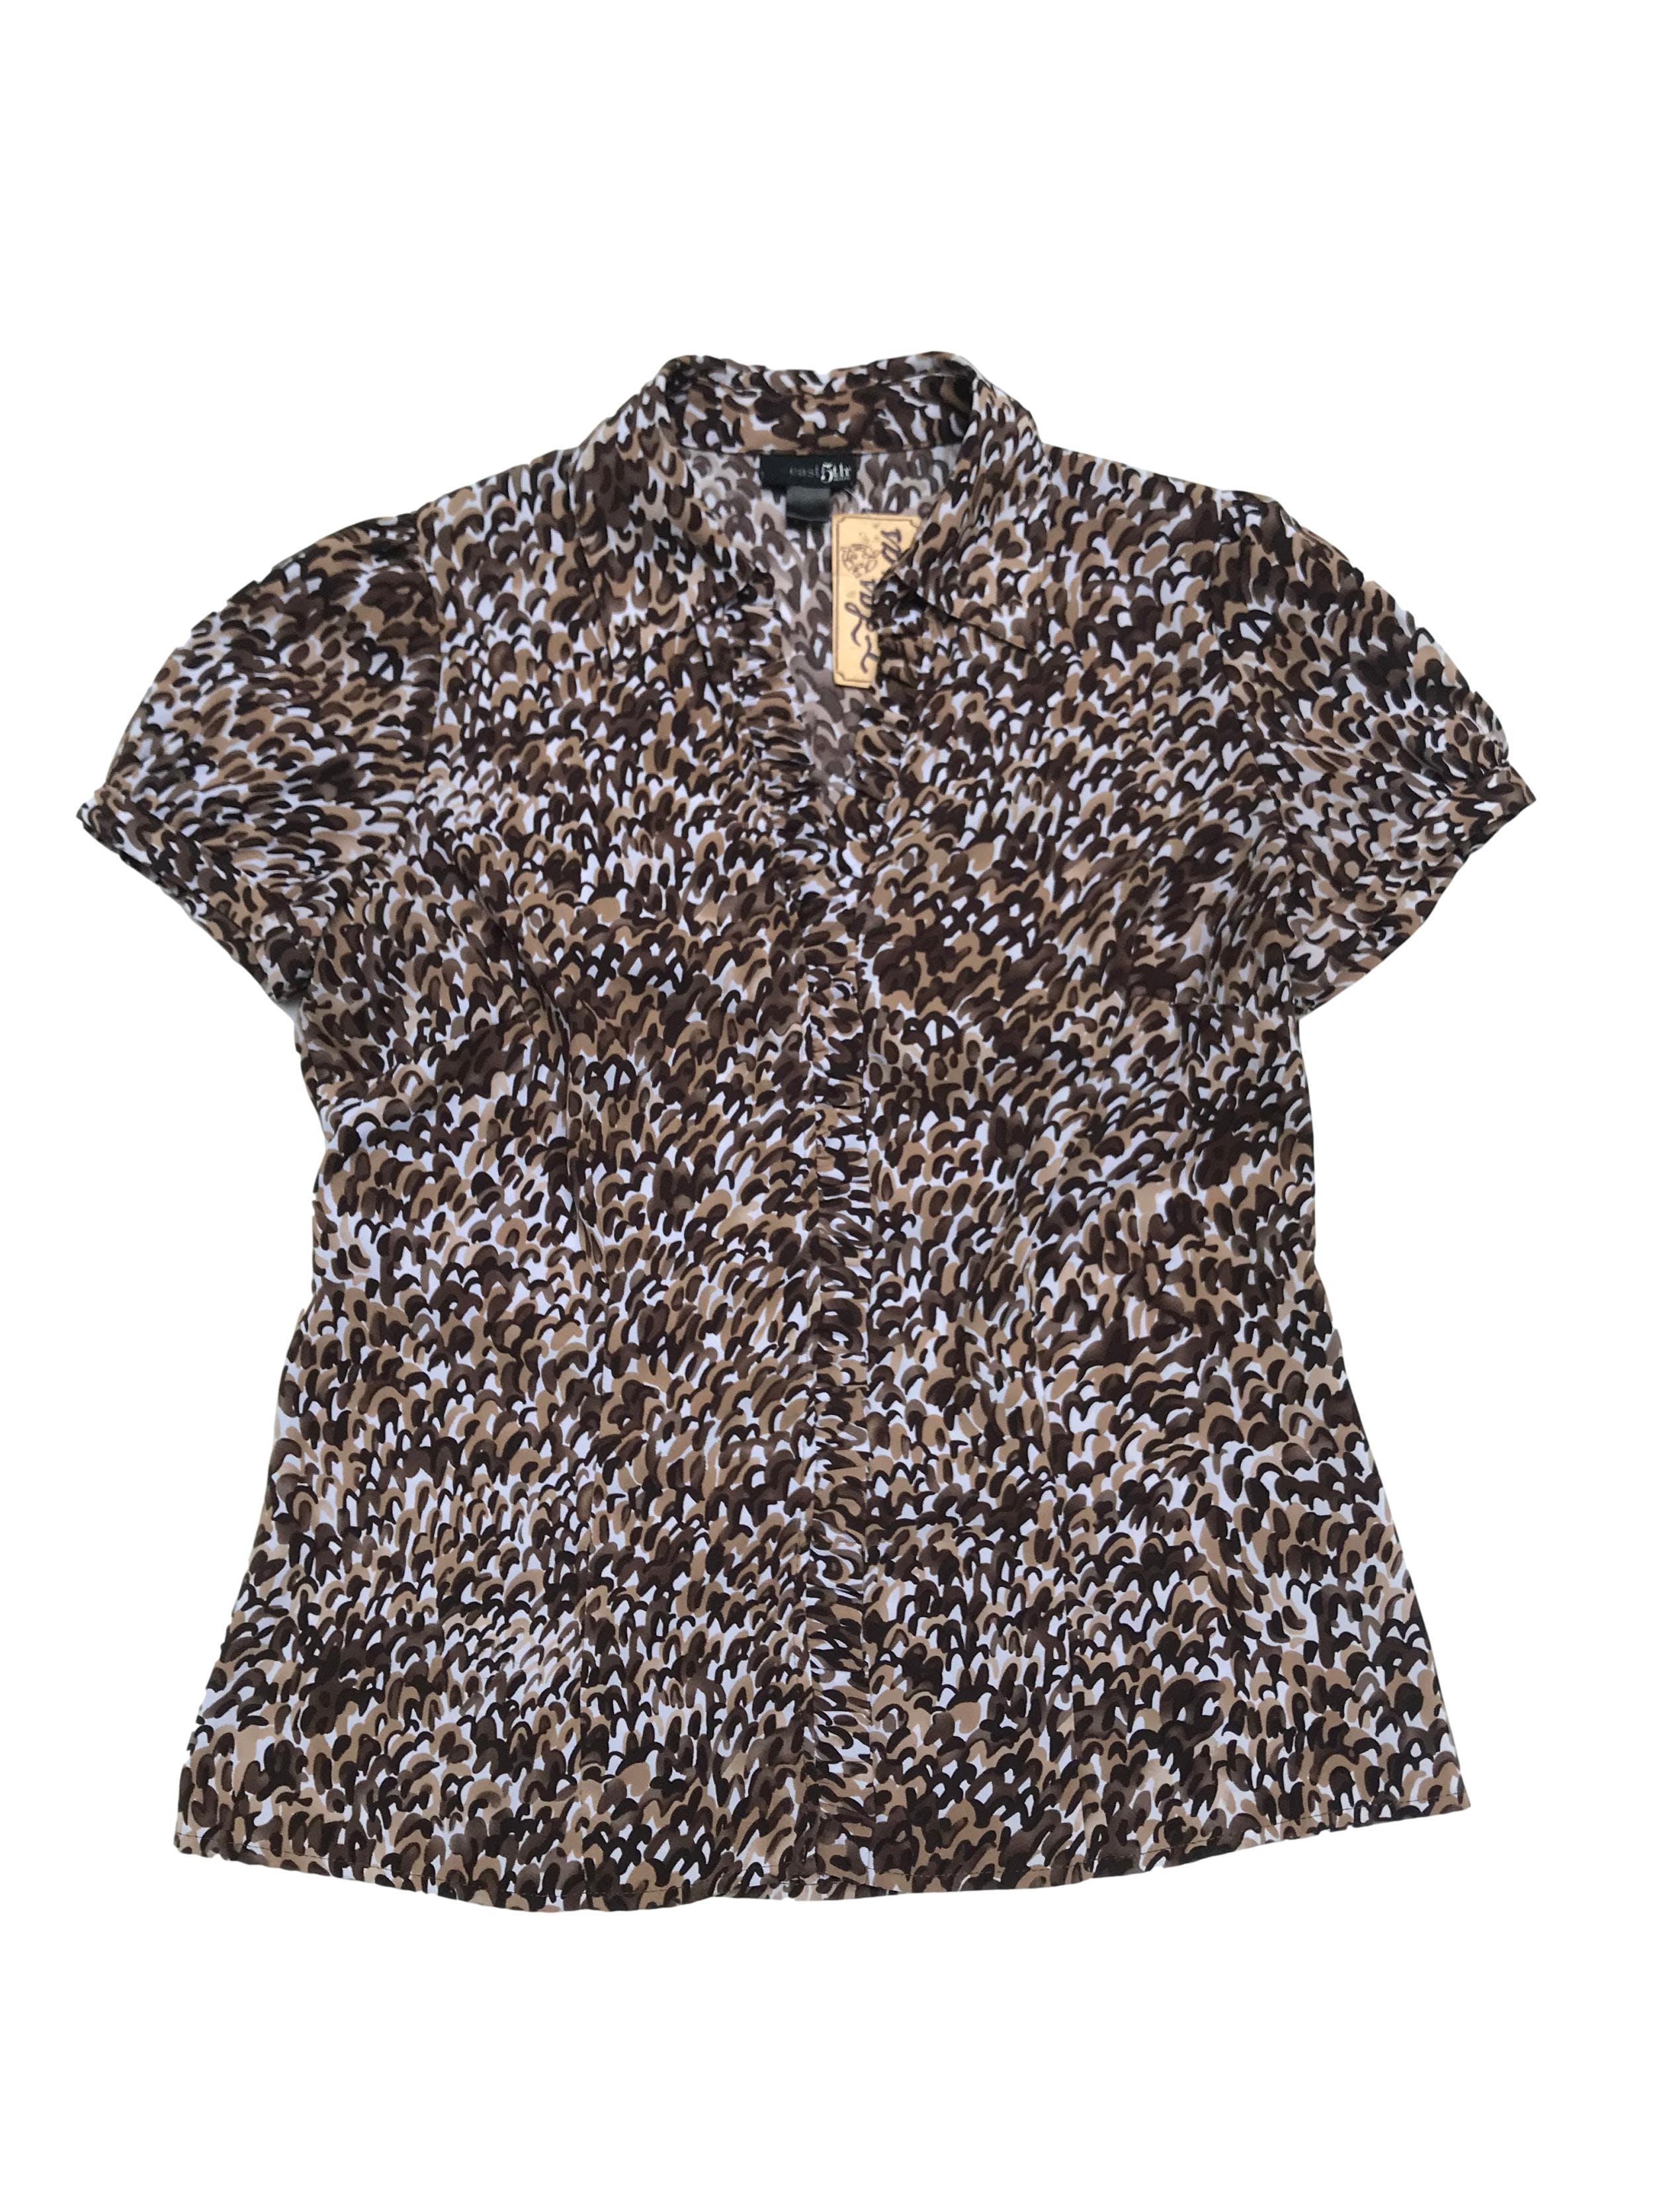 Blusa East5th animal print marrón y blanco, cuello camisero, escote en V con bobos a lo largo, lleva pinzas.